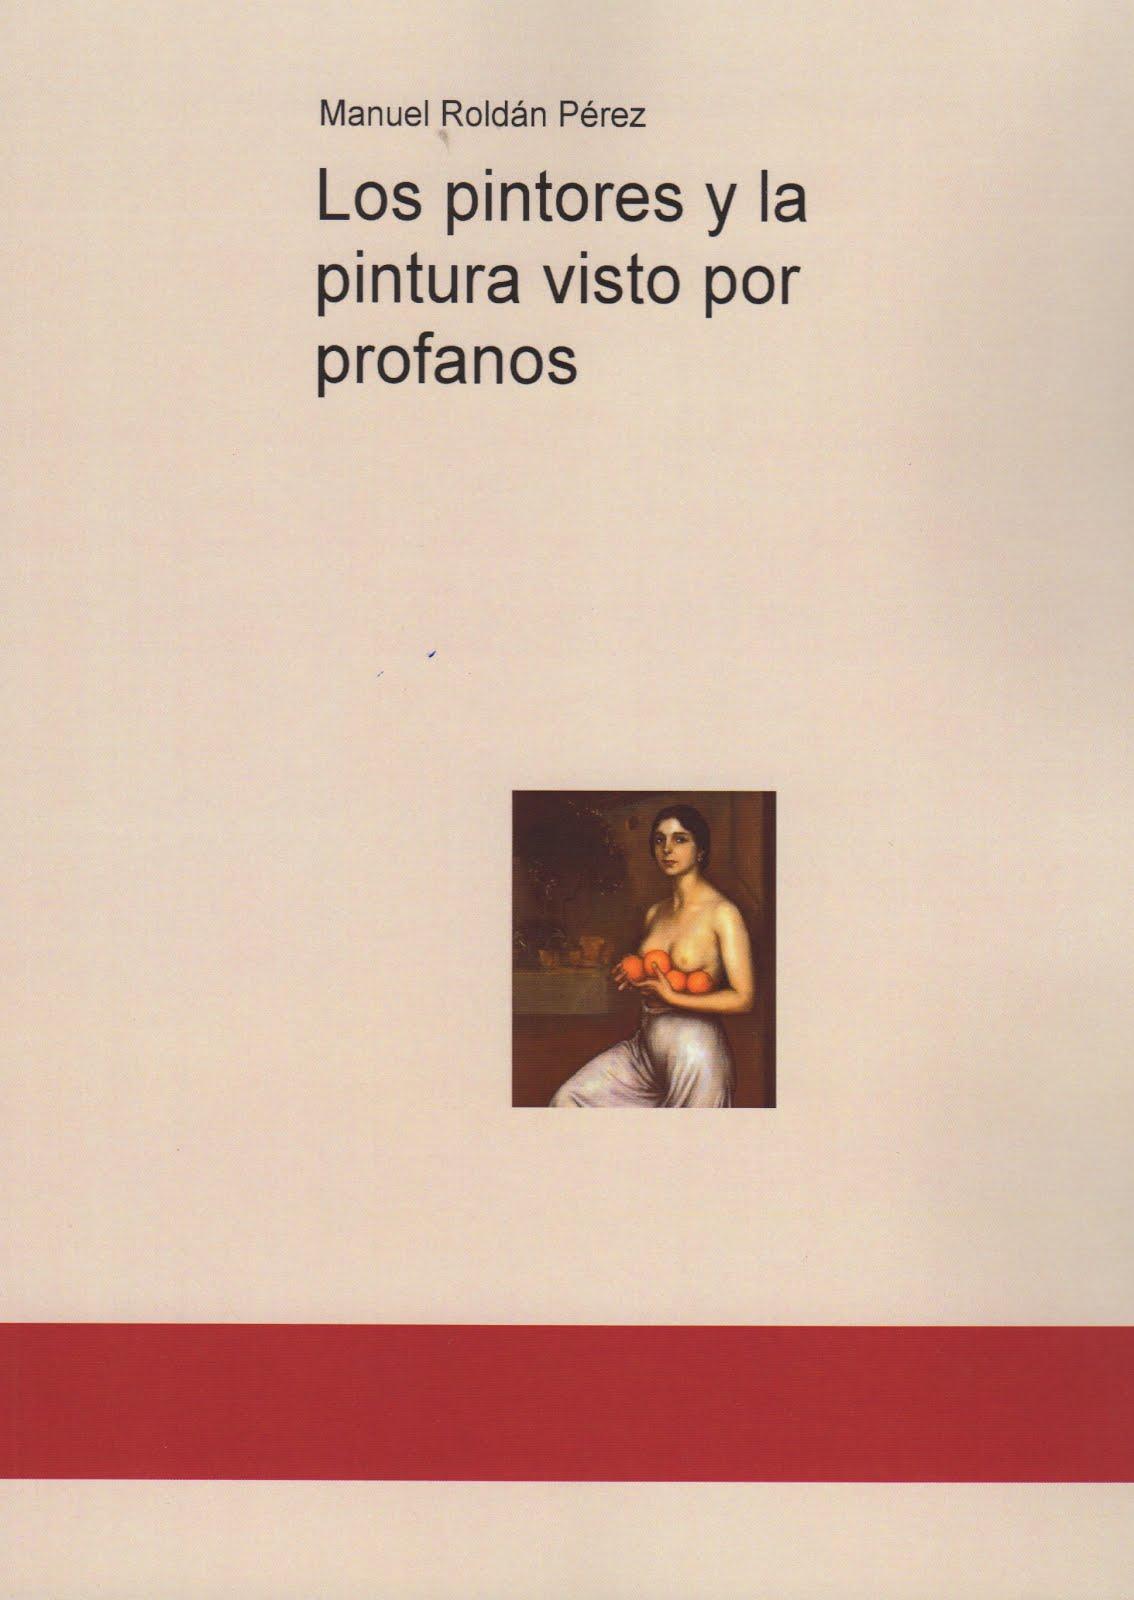 Libro sobre pintura, apropiado para amantes de este arte y de los iniciados